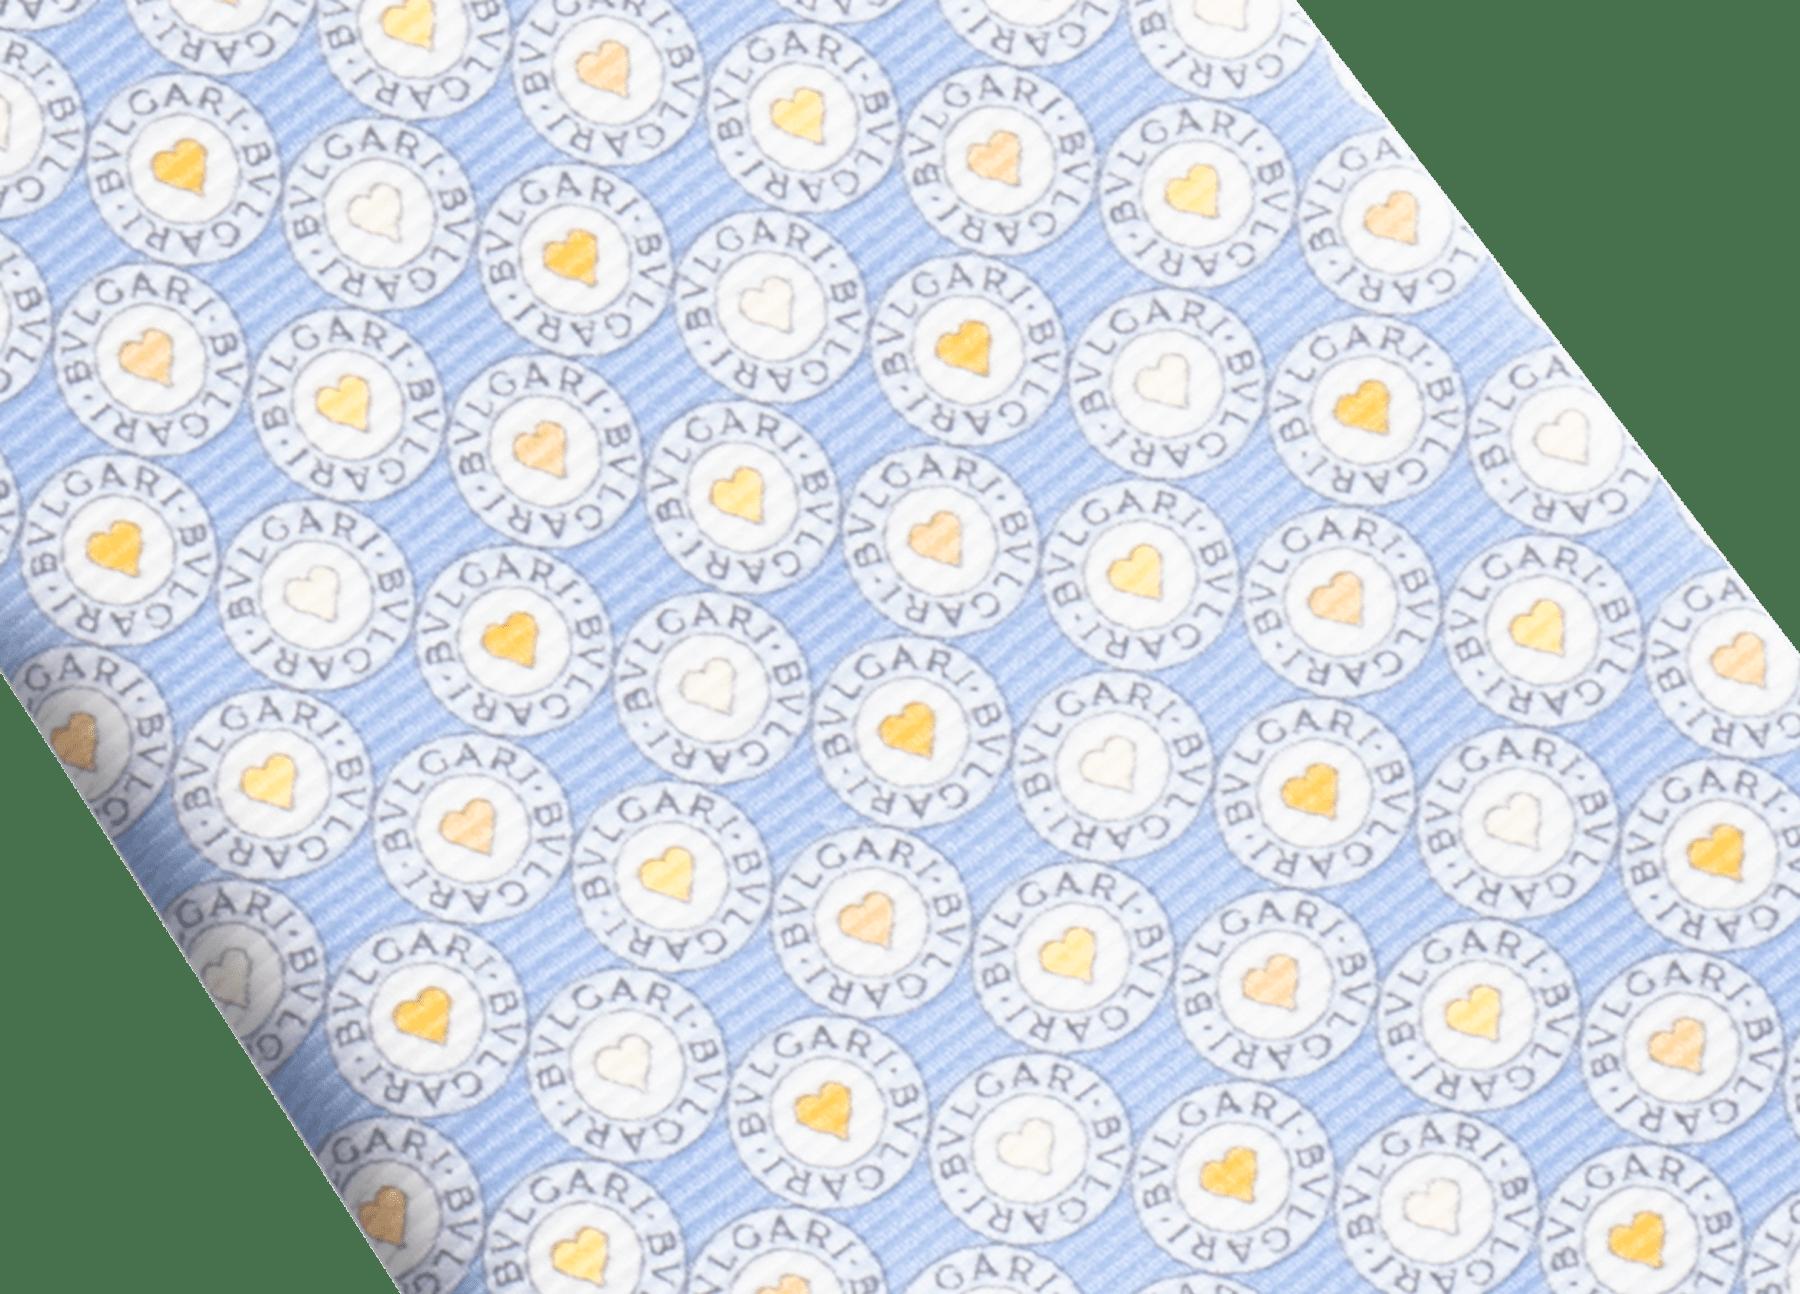 Cravate sept plis Logo BB Heart bleu clair en fine serge de soie imprimée. 244184 image 2